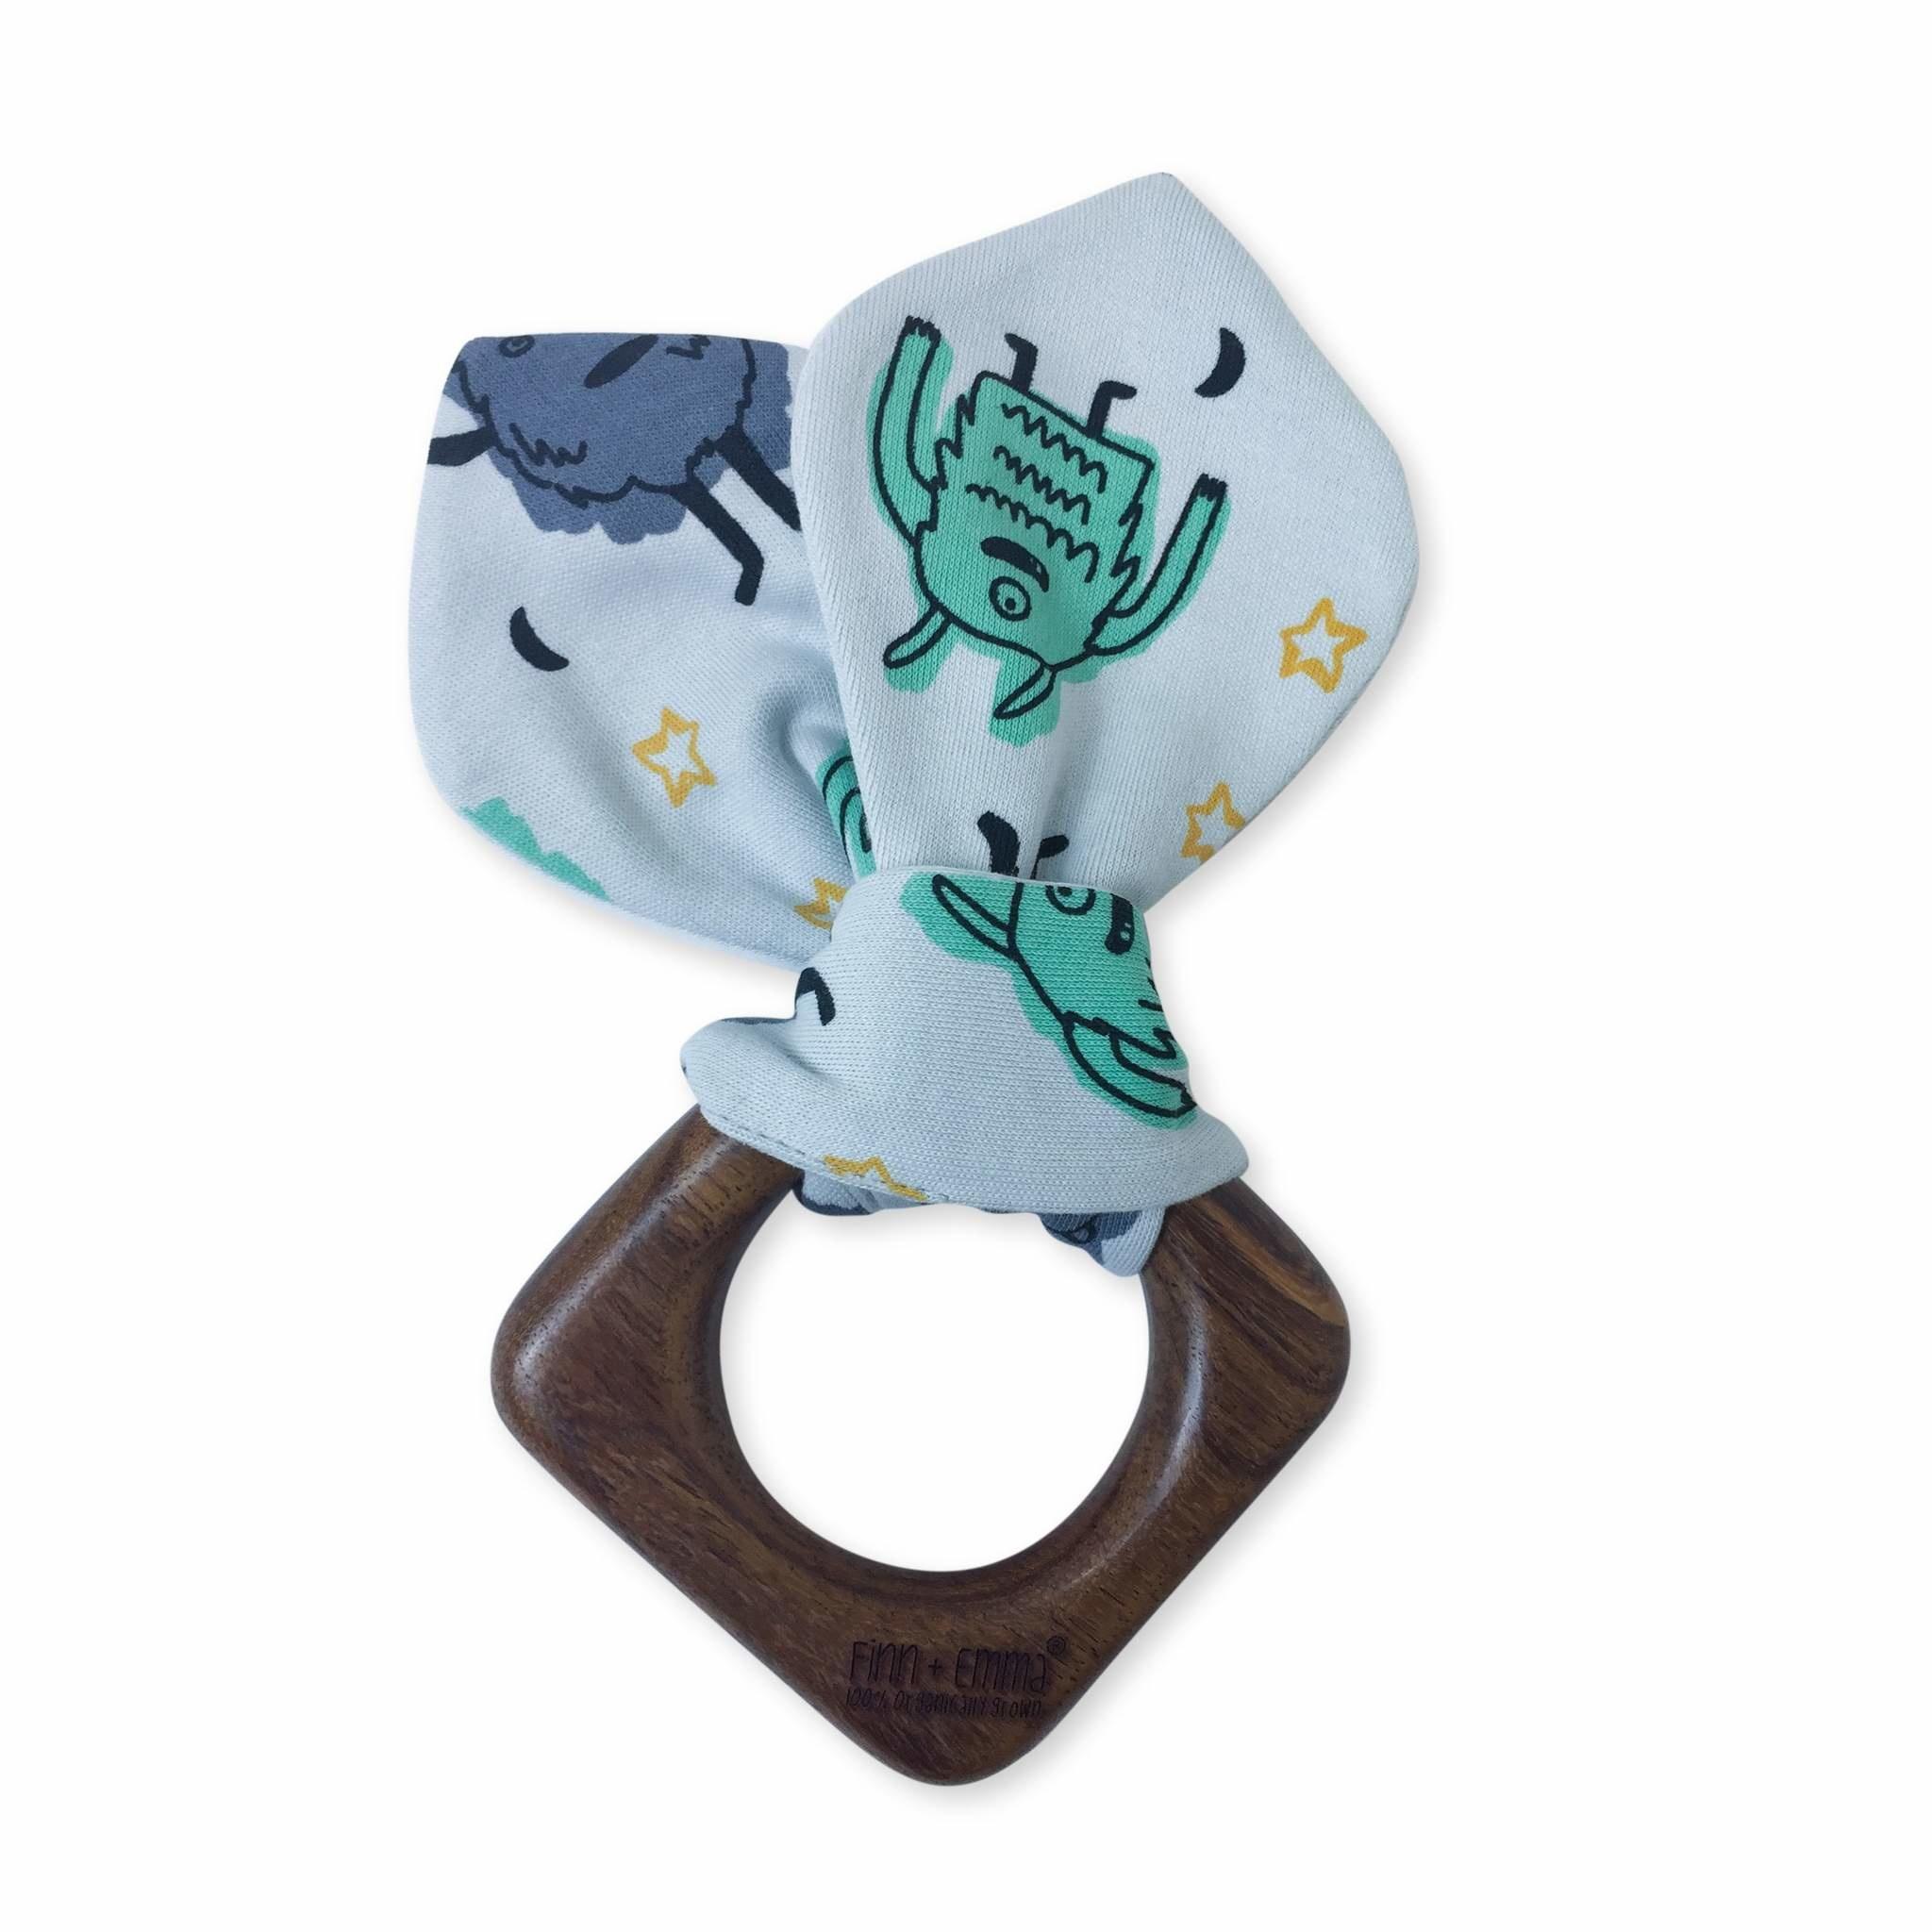 Finn & Emma Monster Teething Ring